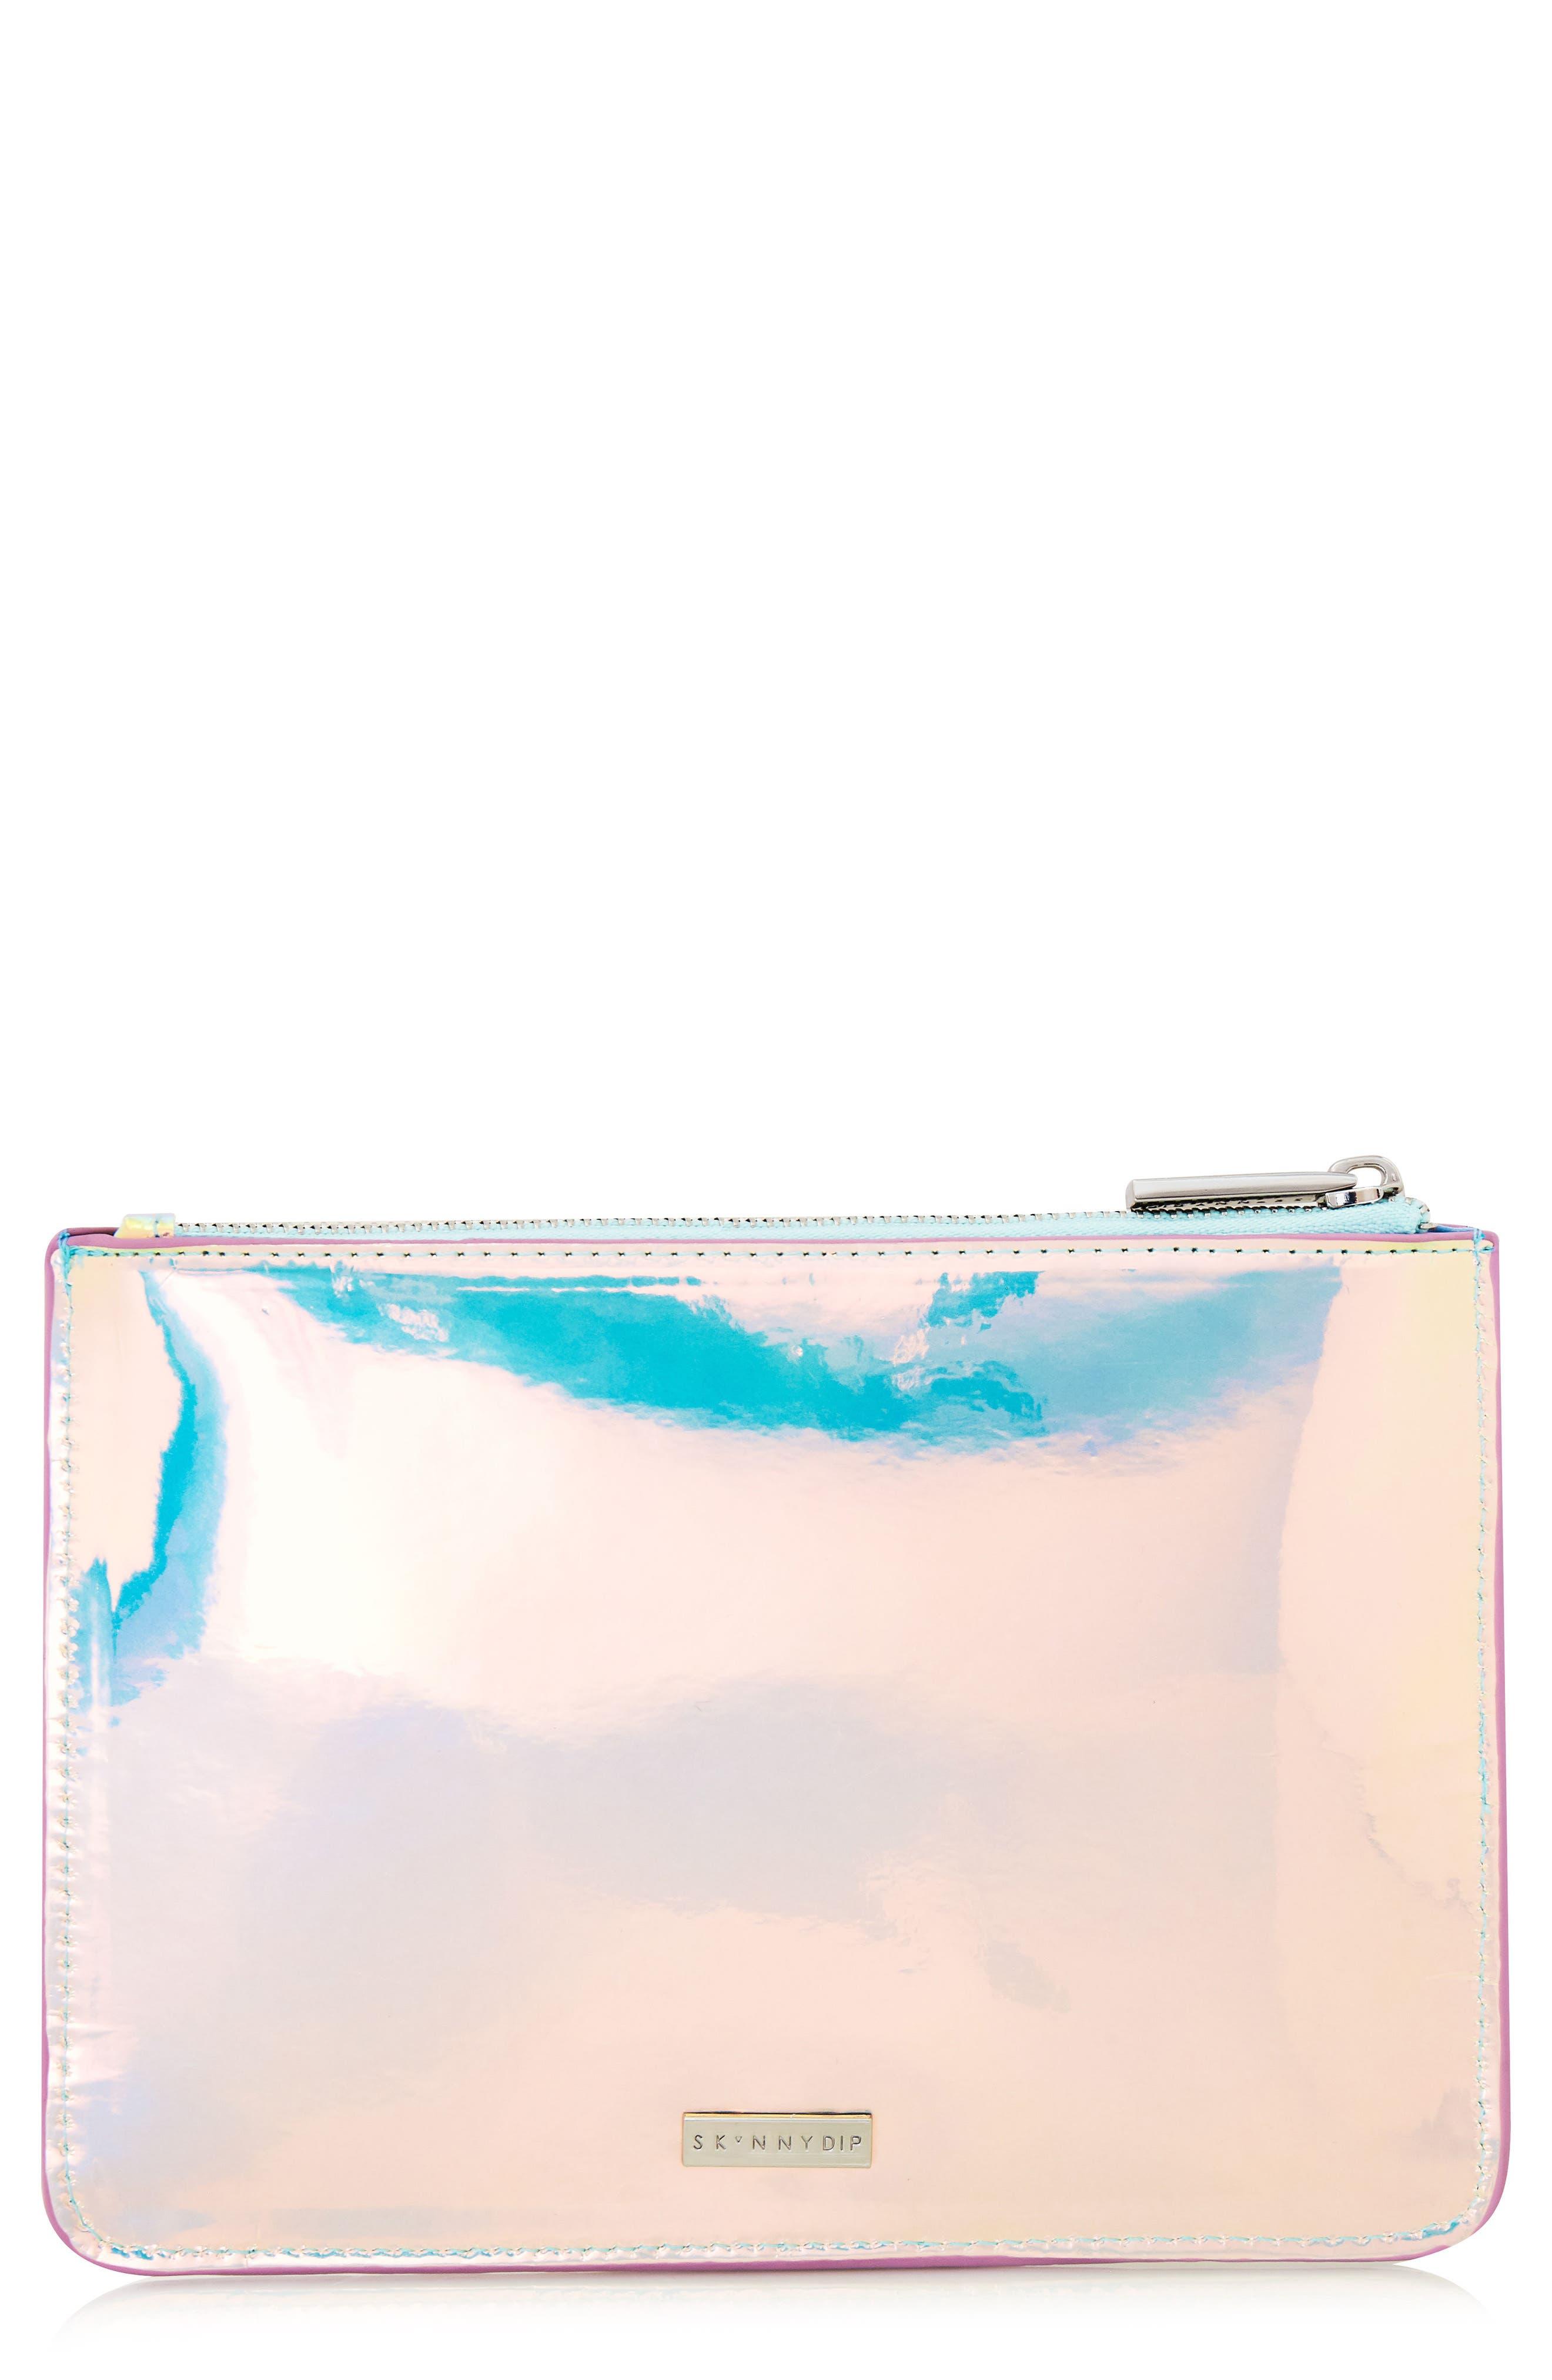 Skinny Dip Ocean Makeup Bag,                             Main thumbnail 1, color,                             000